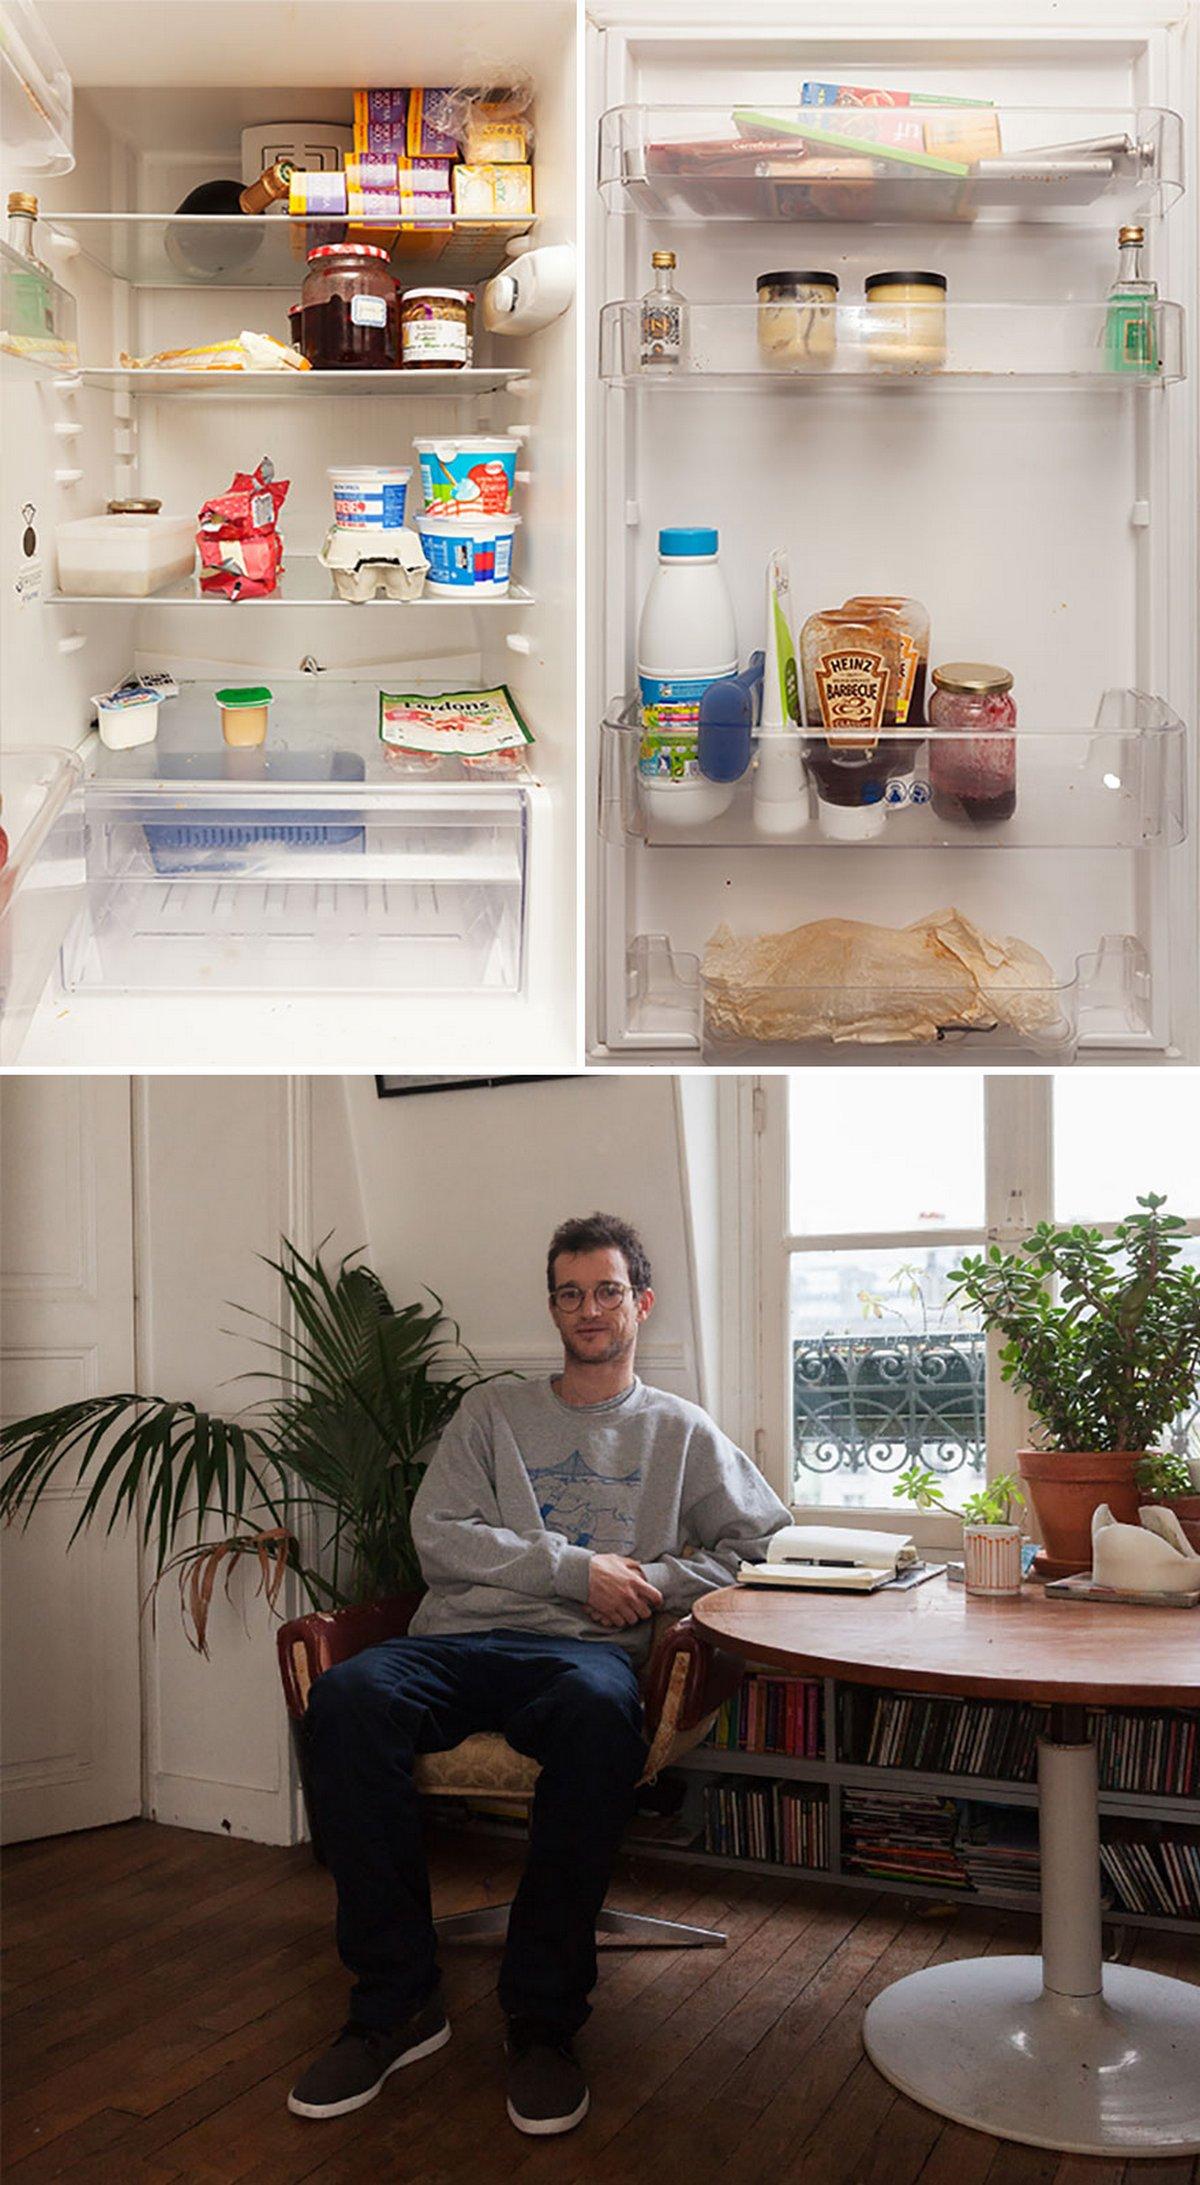 Cette photographe compare 14 réfrigérateurs et leurs propriétaires à travers le monde